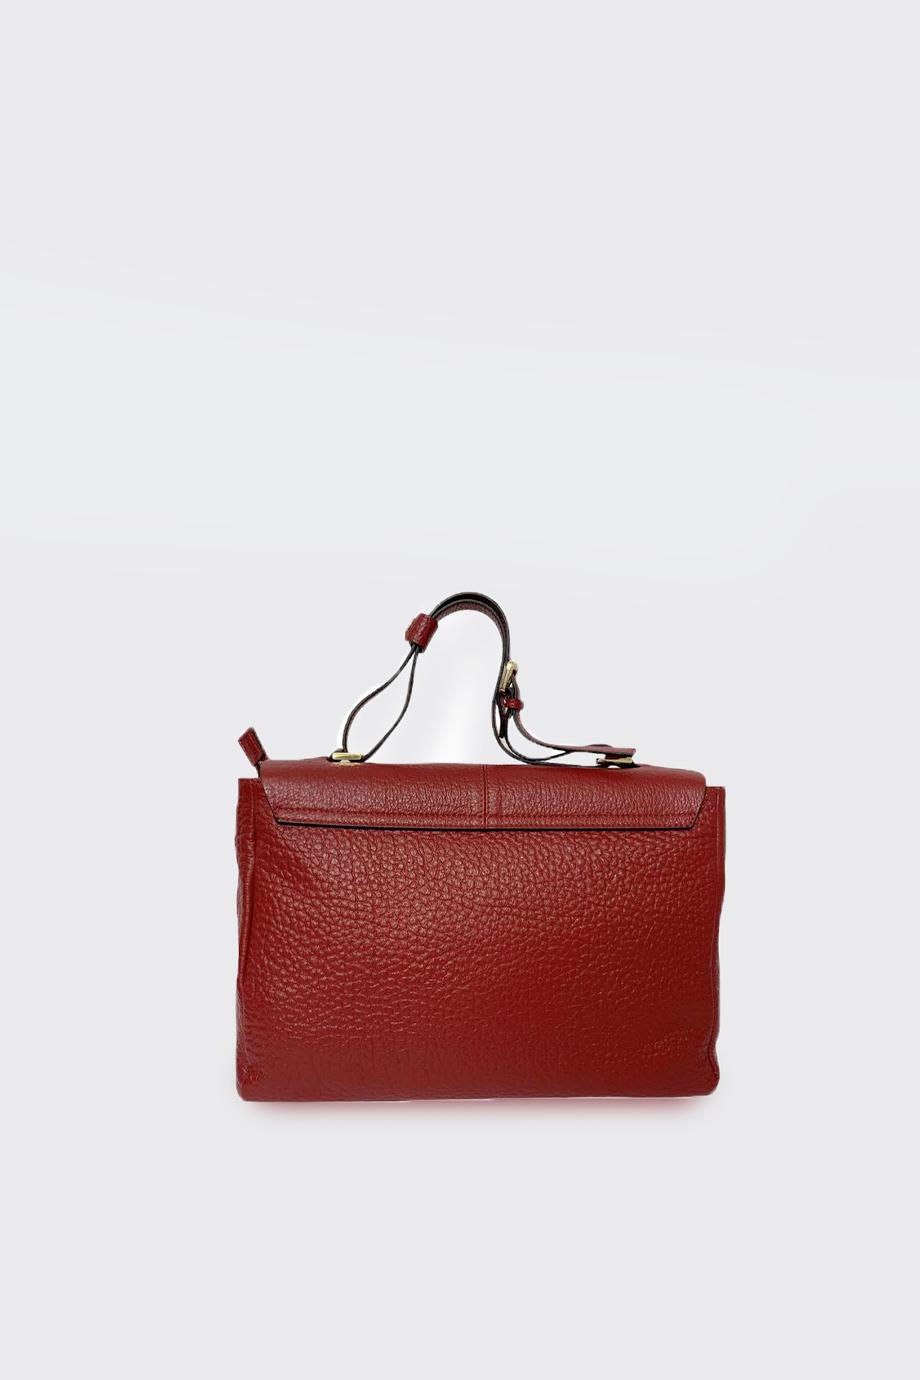 borsa Elettra rosso rubino avenue 67